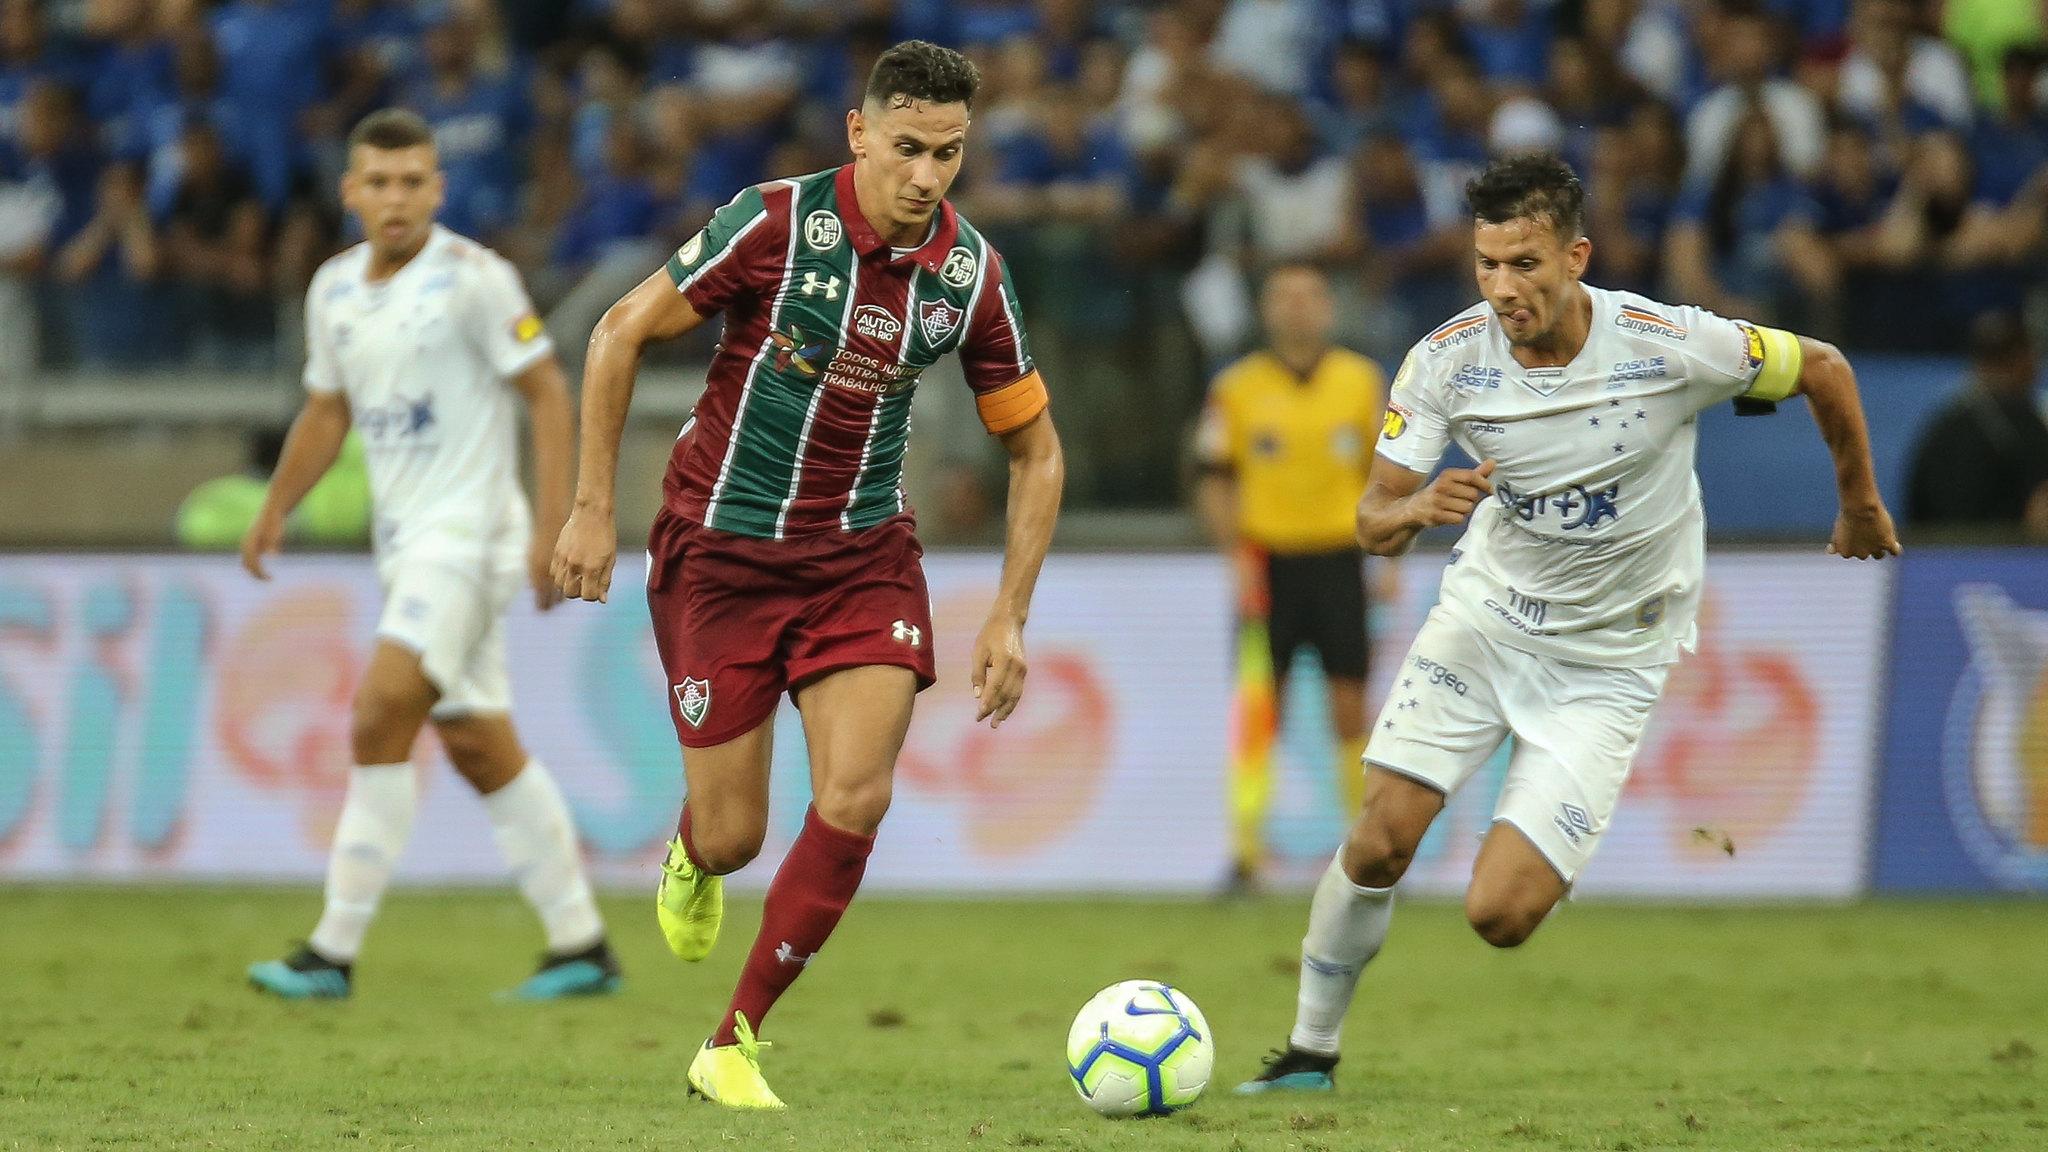 Empate complica o Fluminense que não consegue desgrudar do Z-4. Foto: Lucas Merçon/Fluminense FC